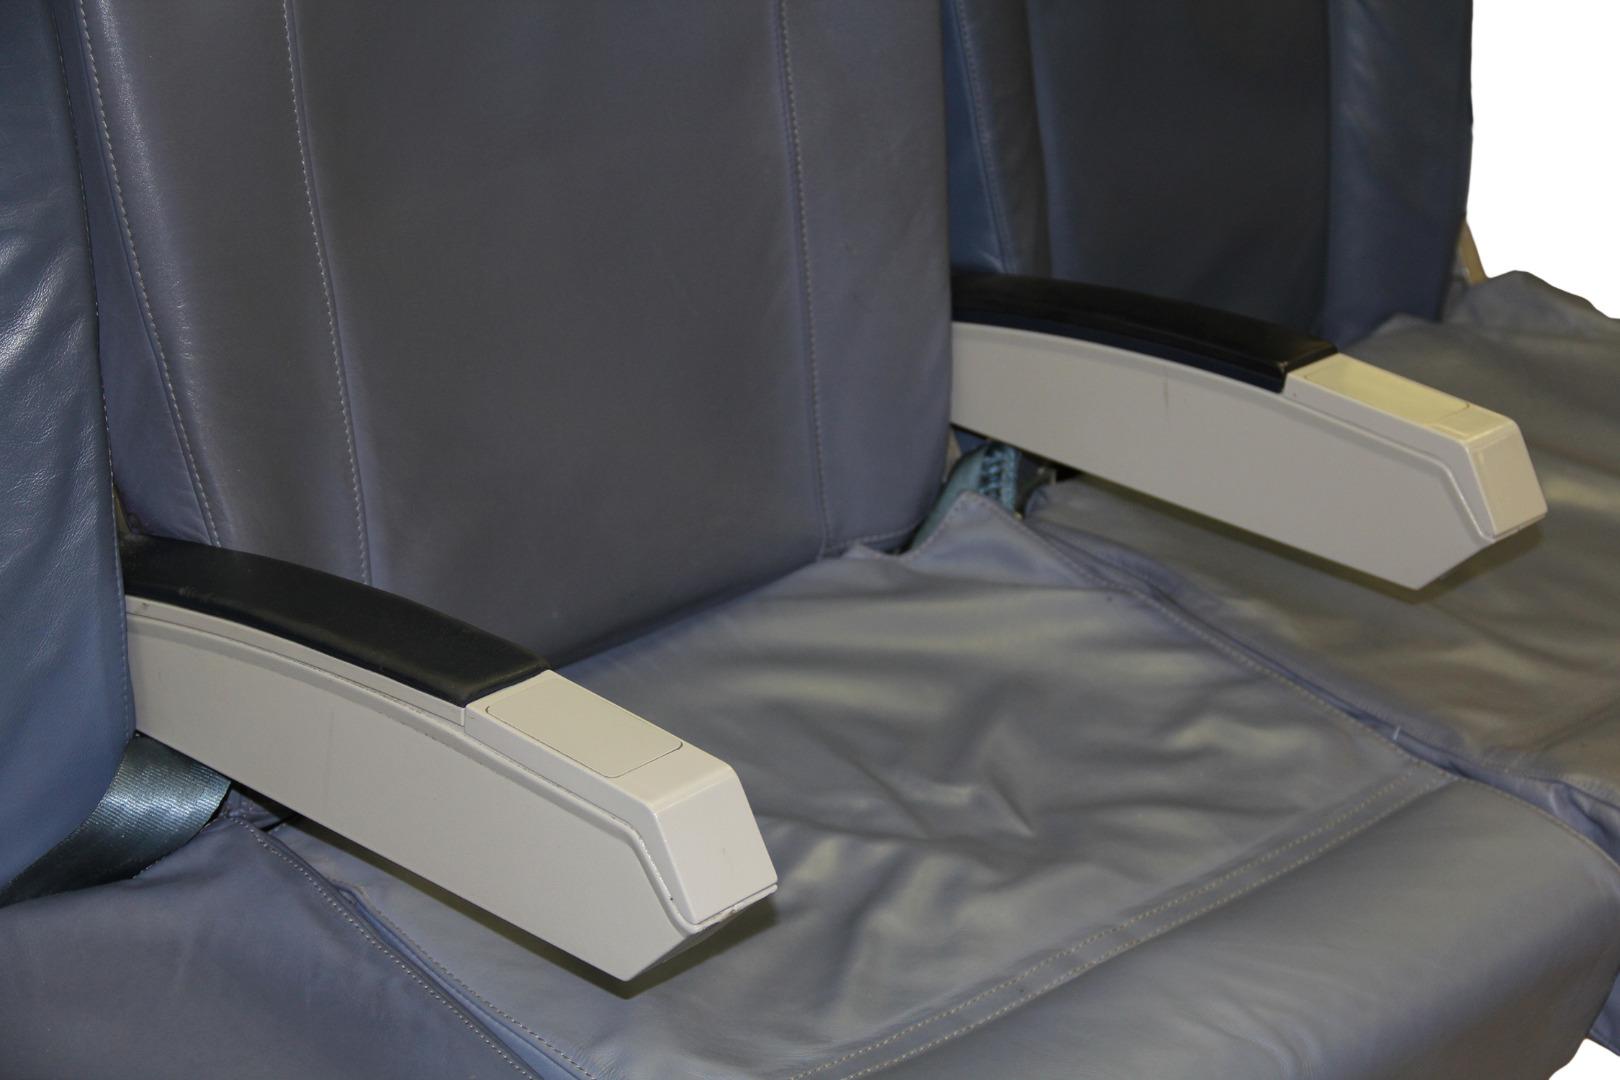 Cadeira tripla de económica do avião A319 TTK da TAP - 25